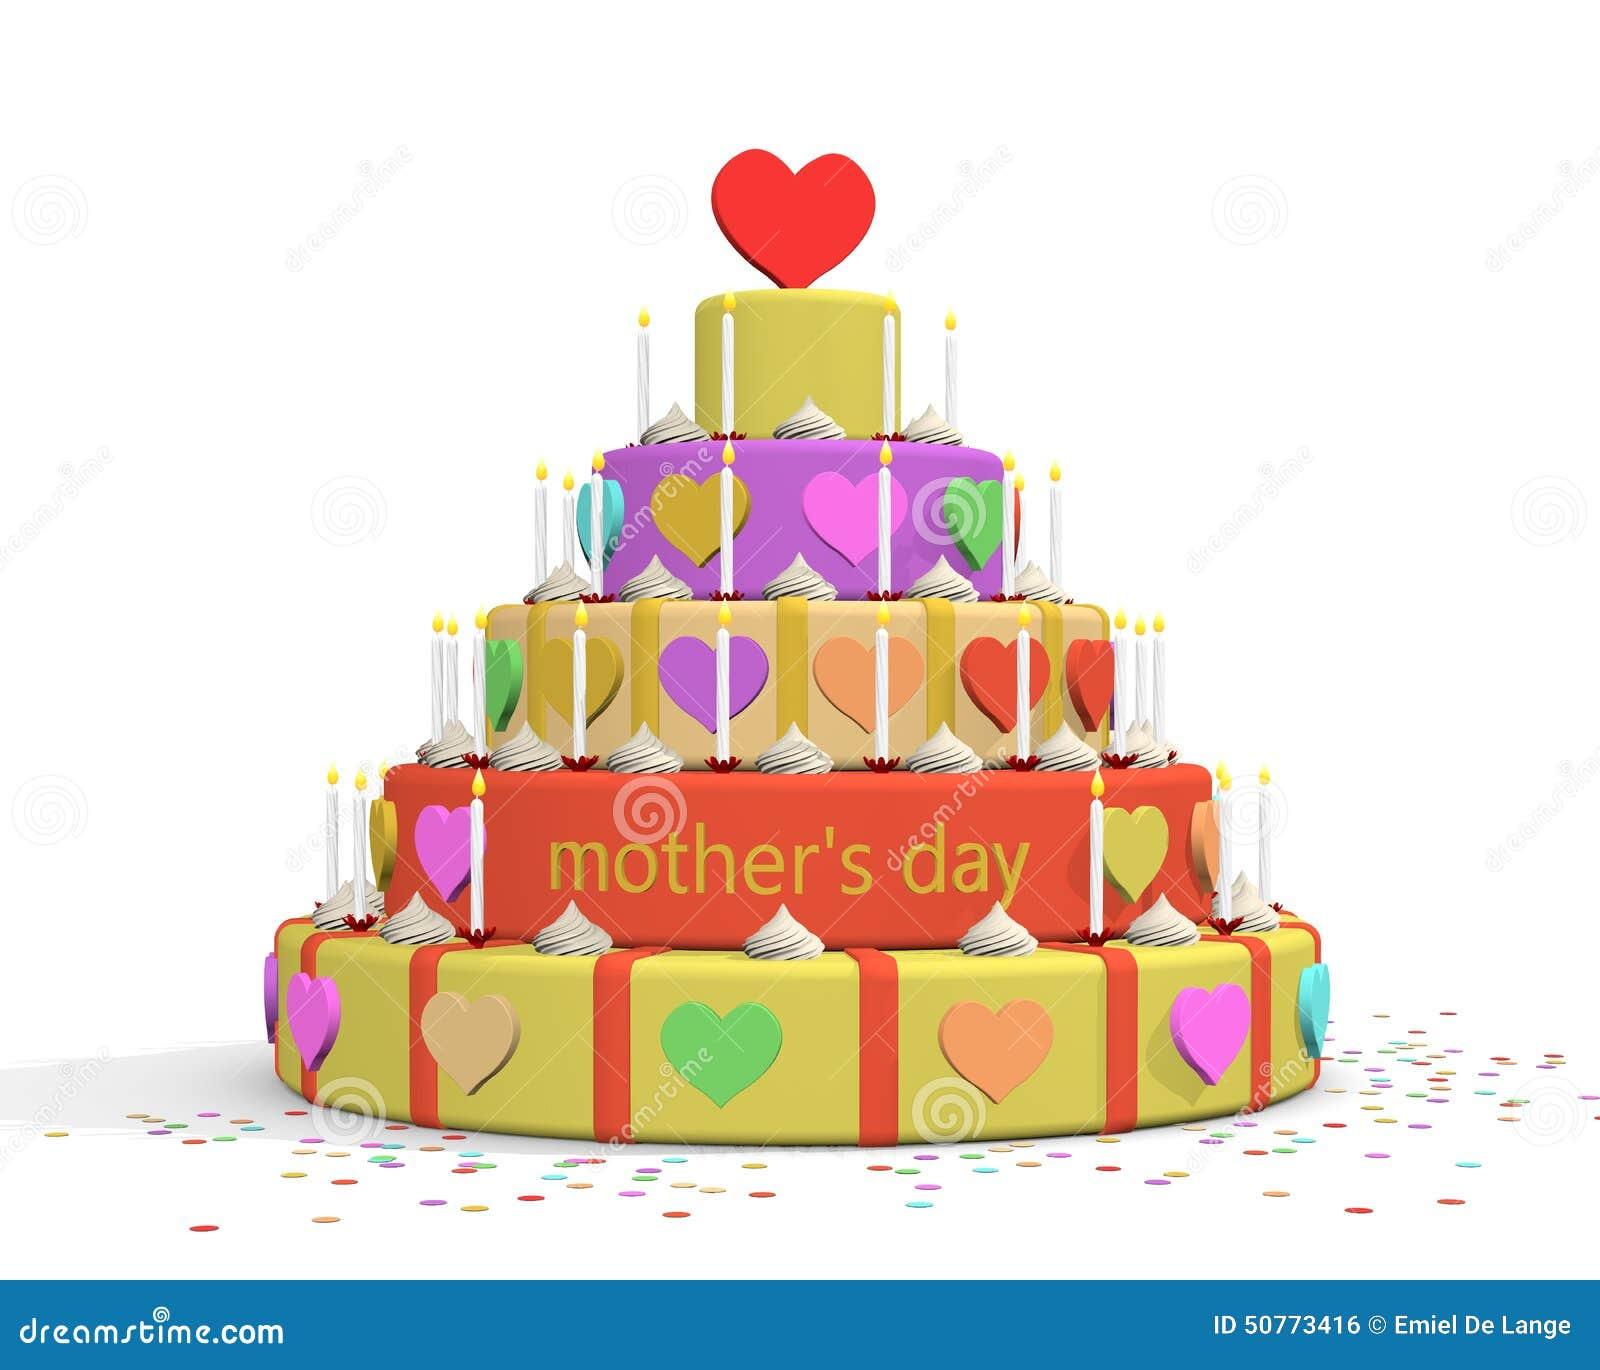 送妈妈的创意蛋糕_2016创意蛋糕图片_心形蛋糕创意 ...